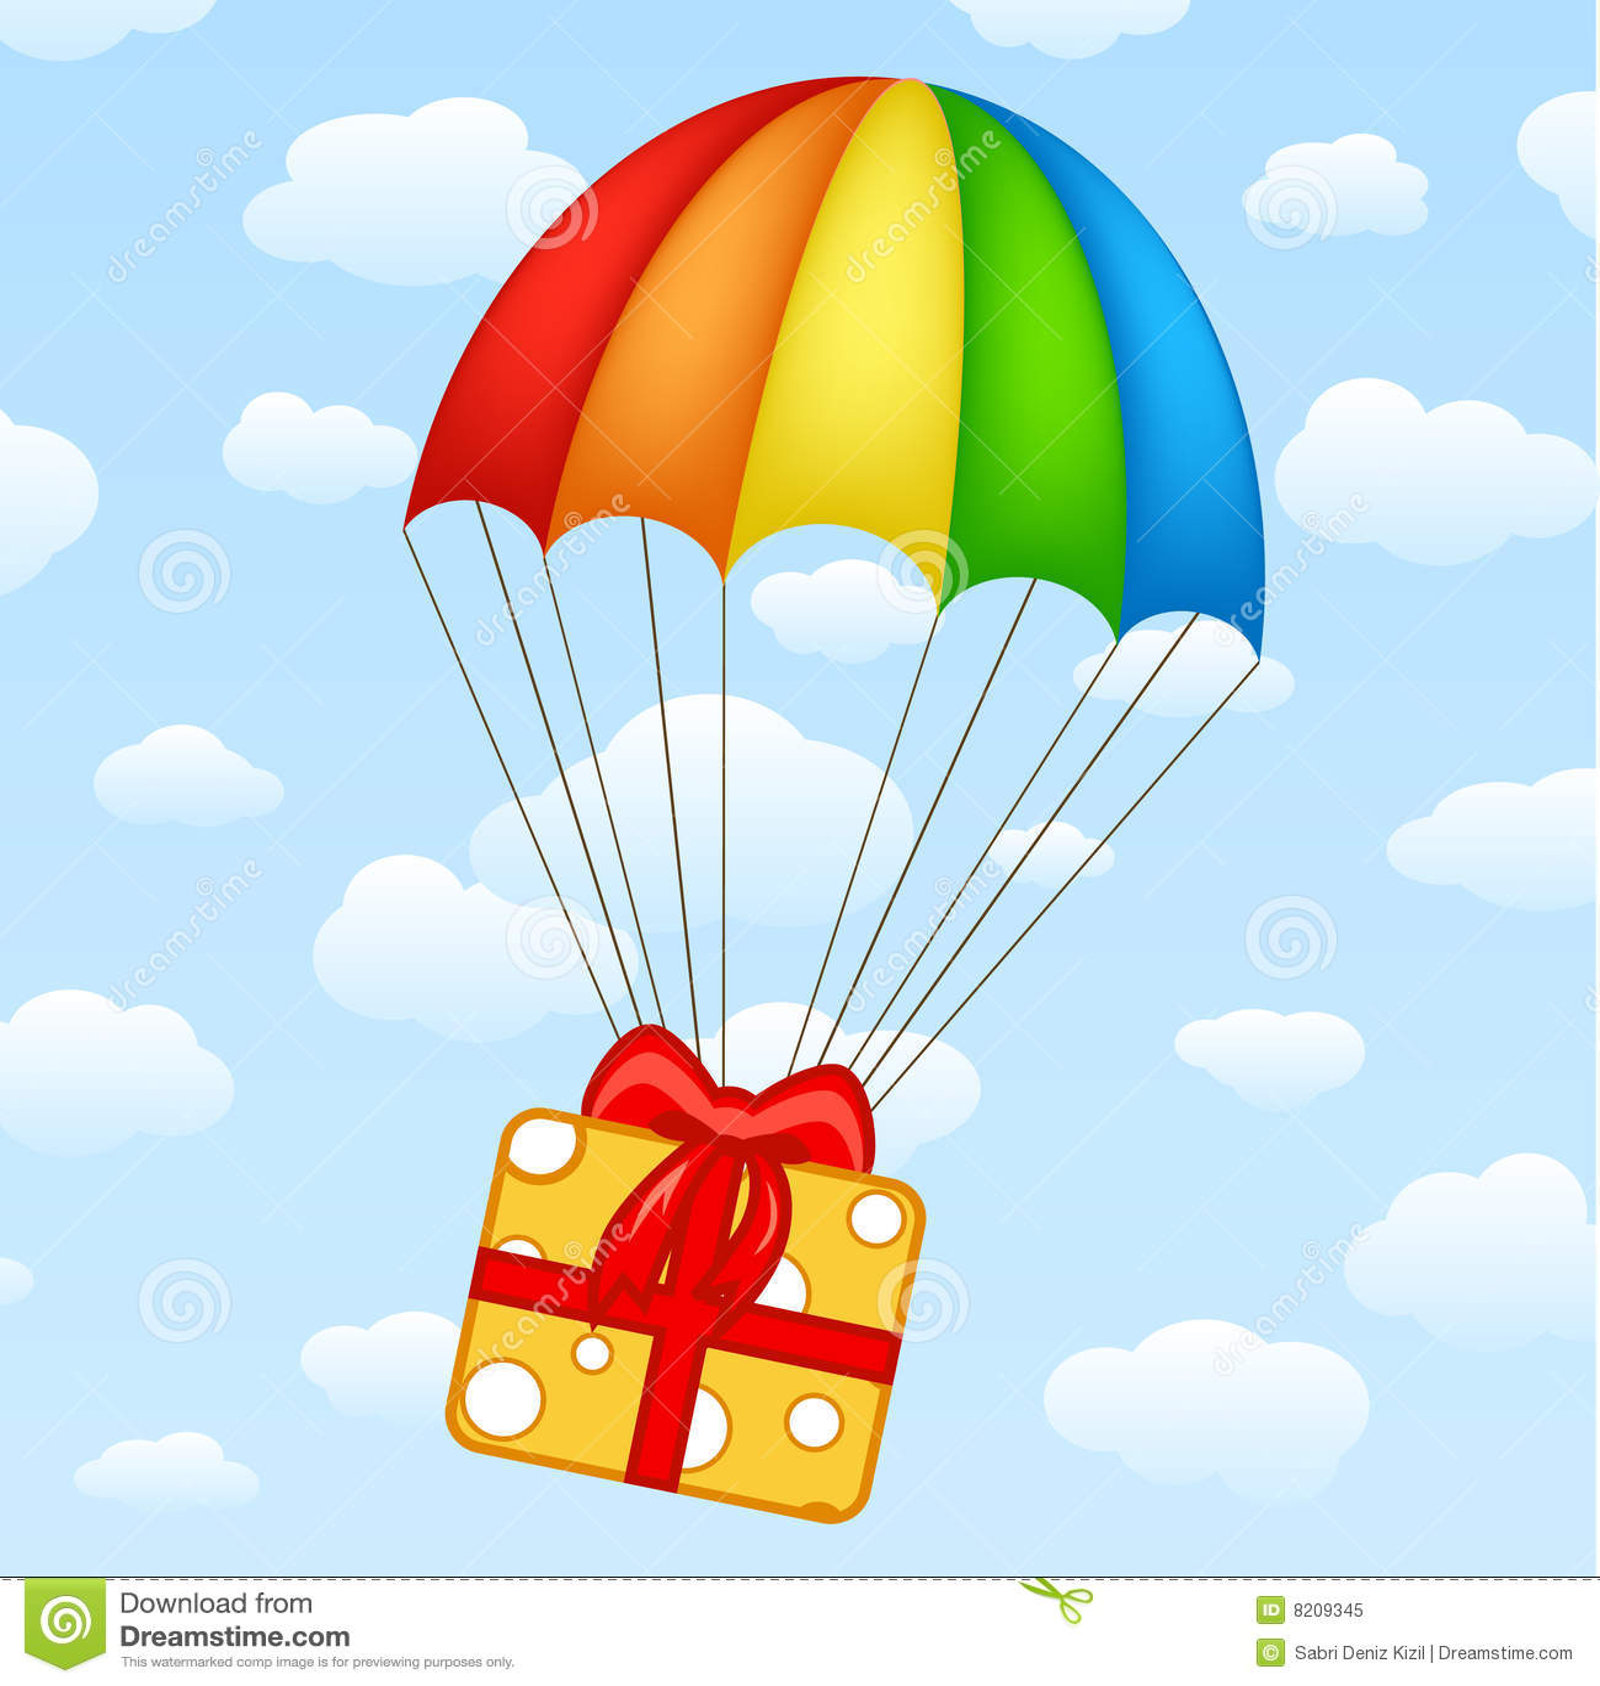 cartoon clipart parachute - photo #30